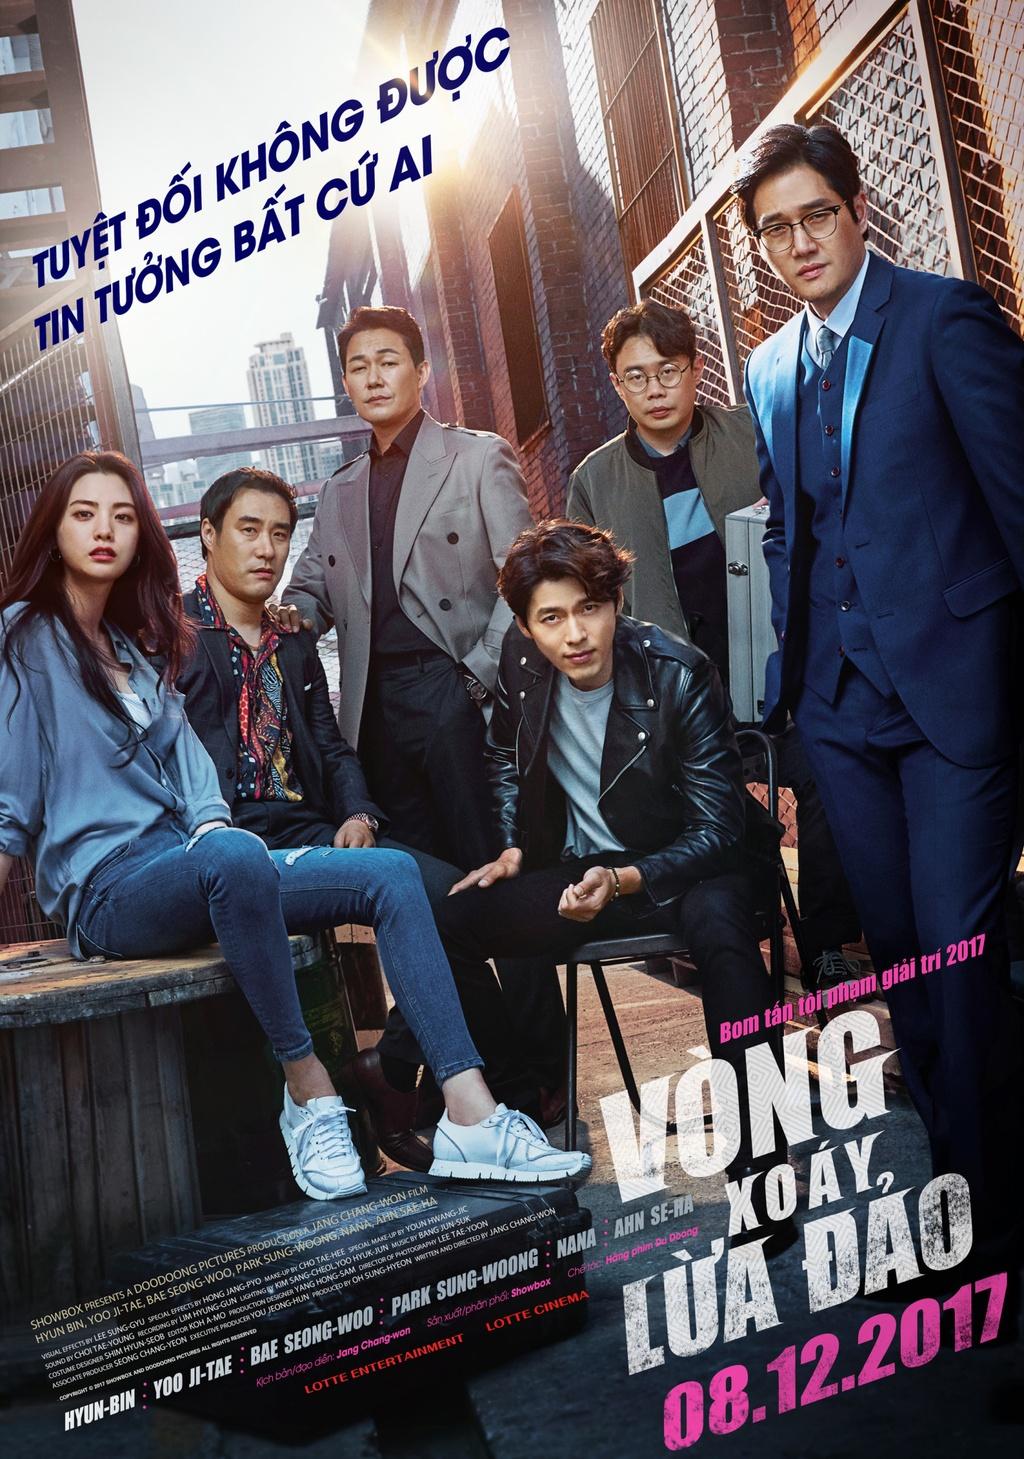 'Vong xoay lua dao' cua Hyun Bin: Tran chien can nao day hap dan hinh anh 1